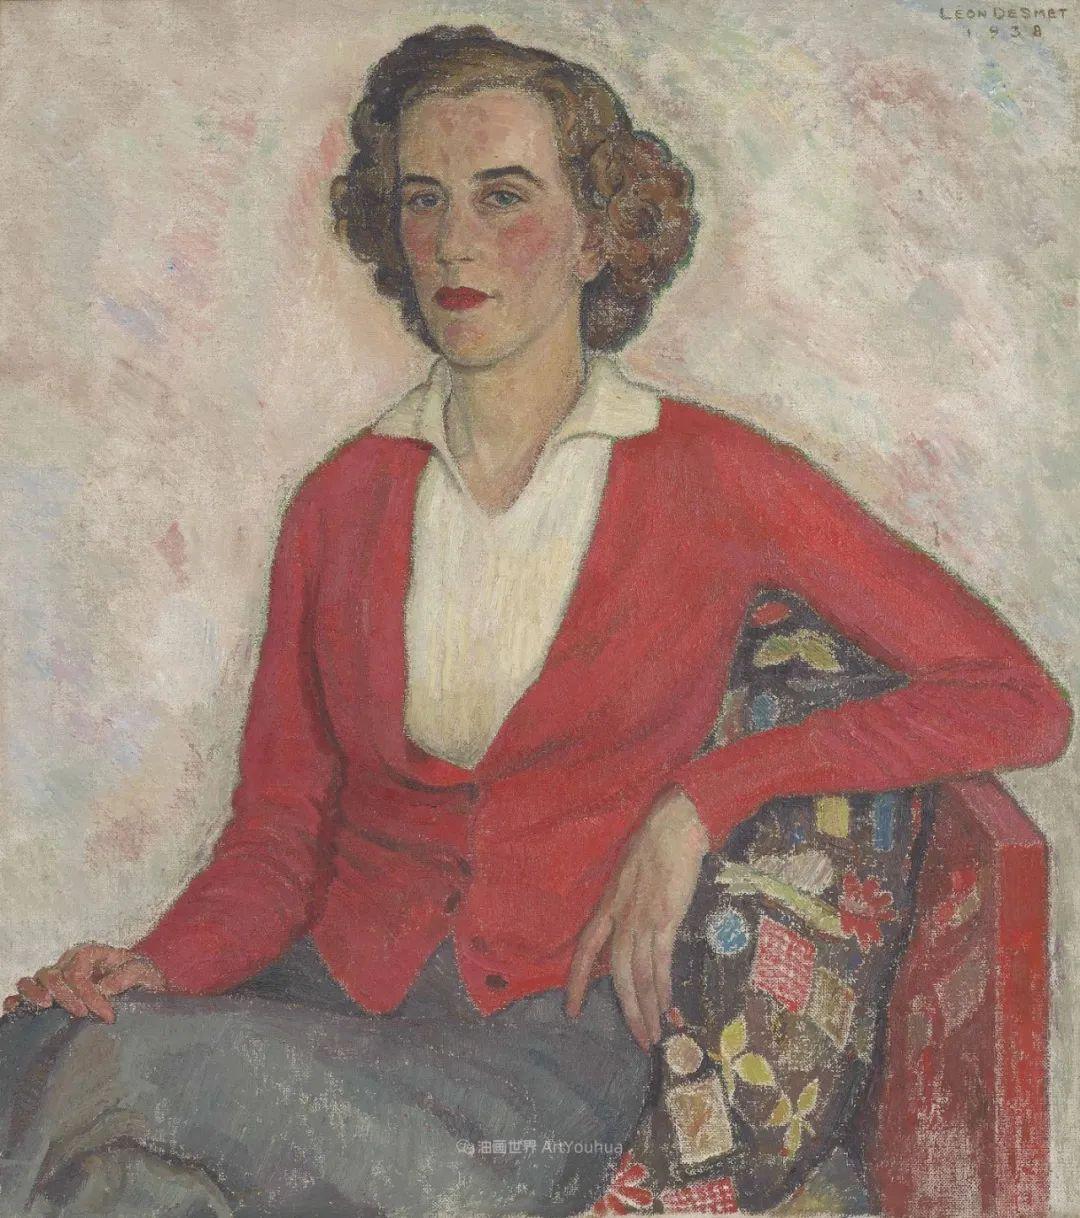 比利时画家 Léon de Smet  莱昂·德·史密特  作品欣赏插图75